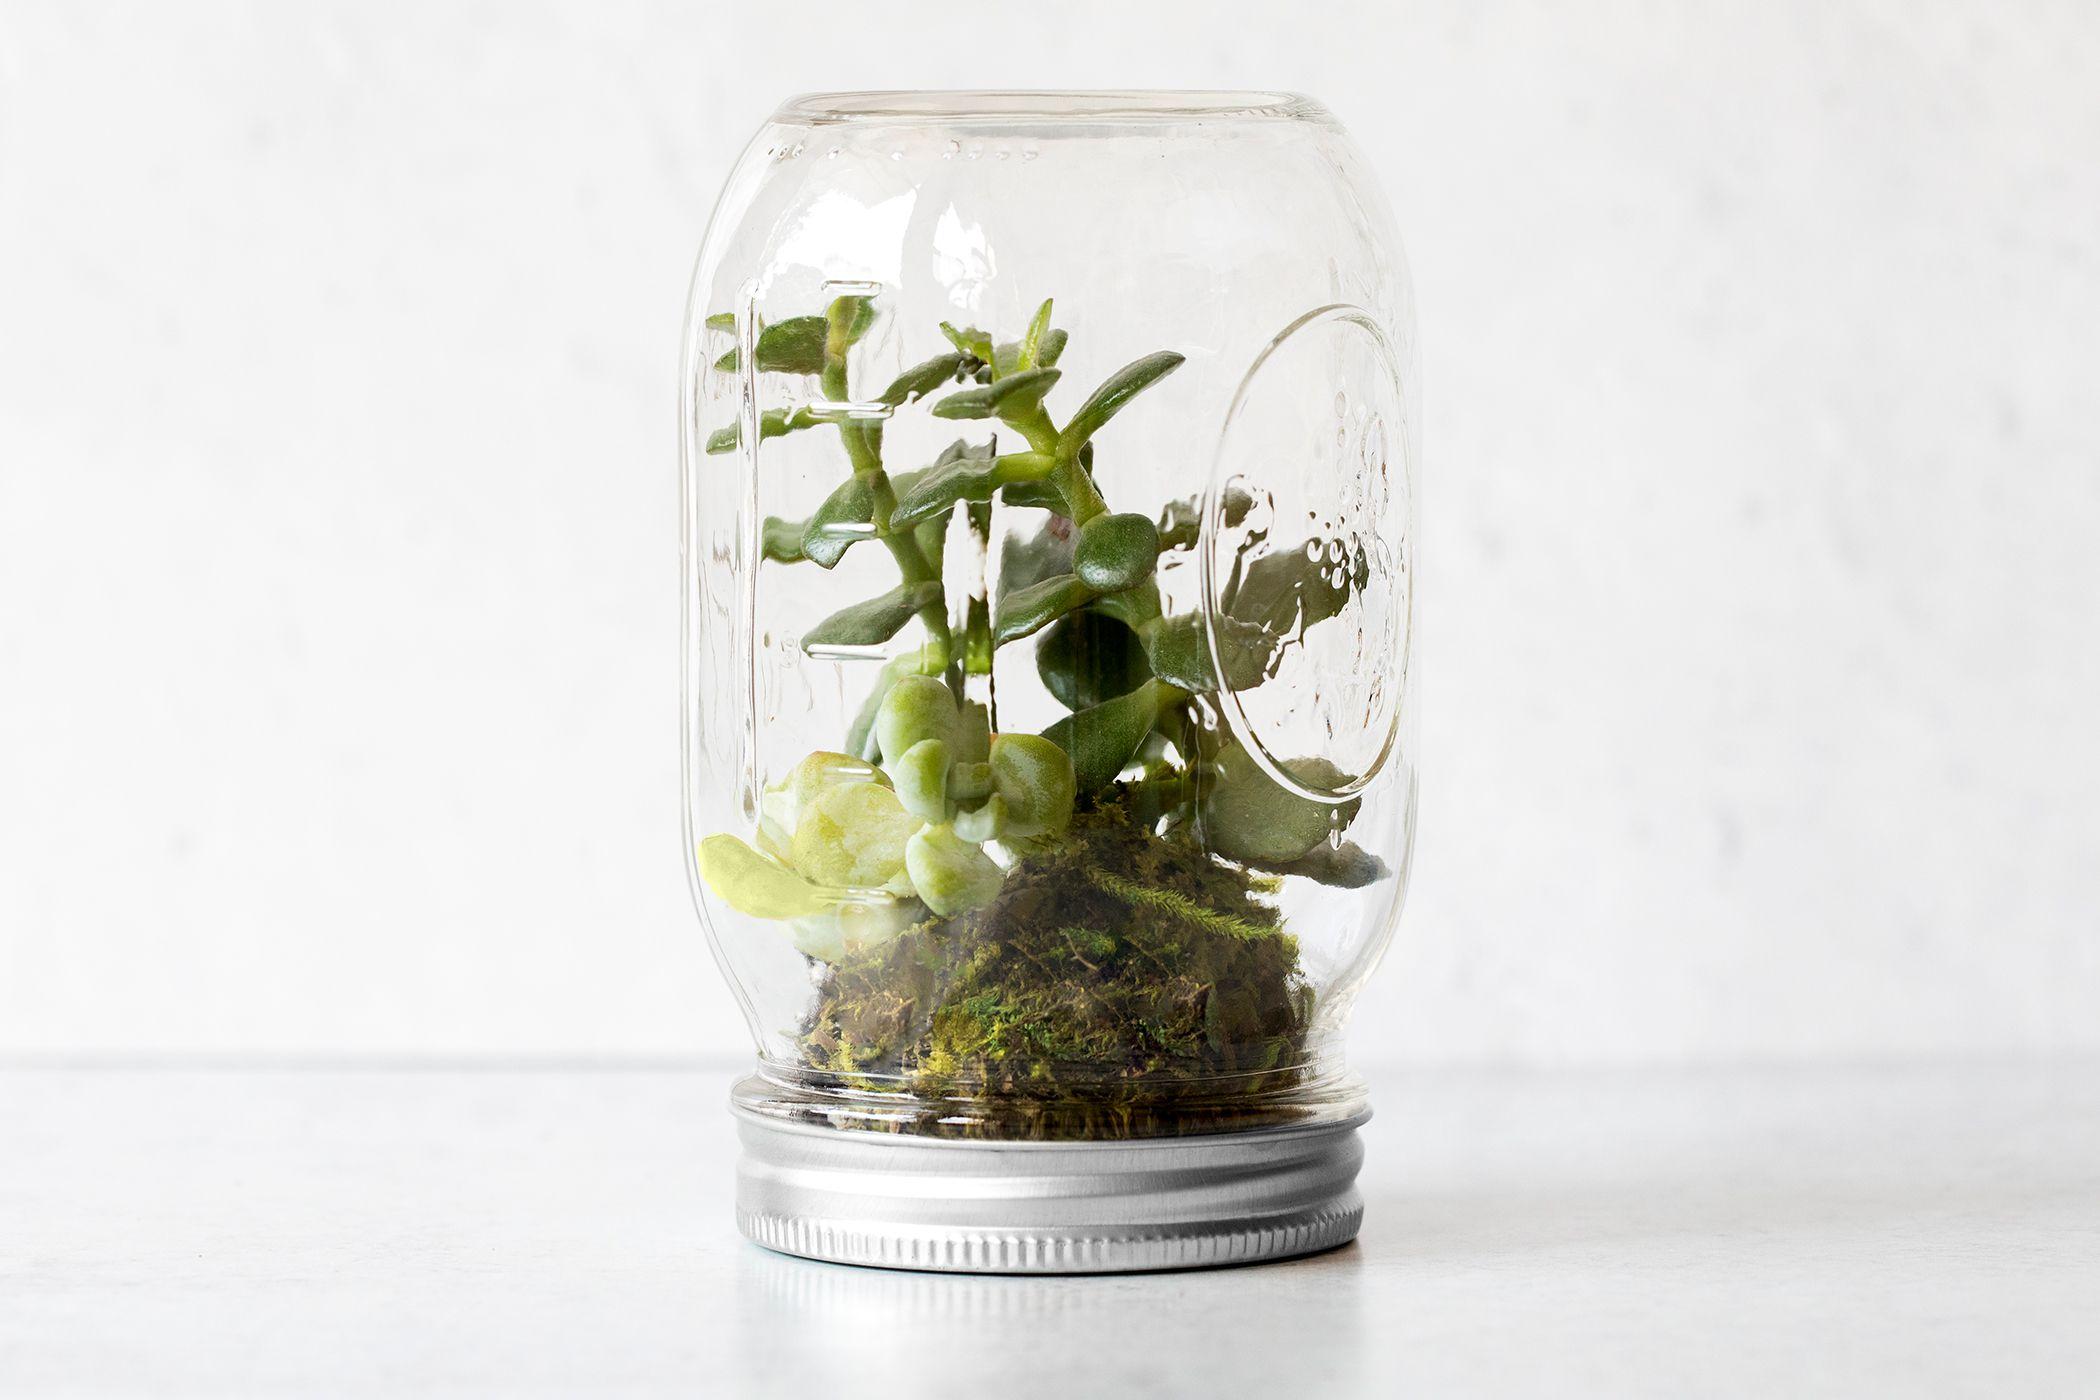 How To Make A Mason Jar Terrarium